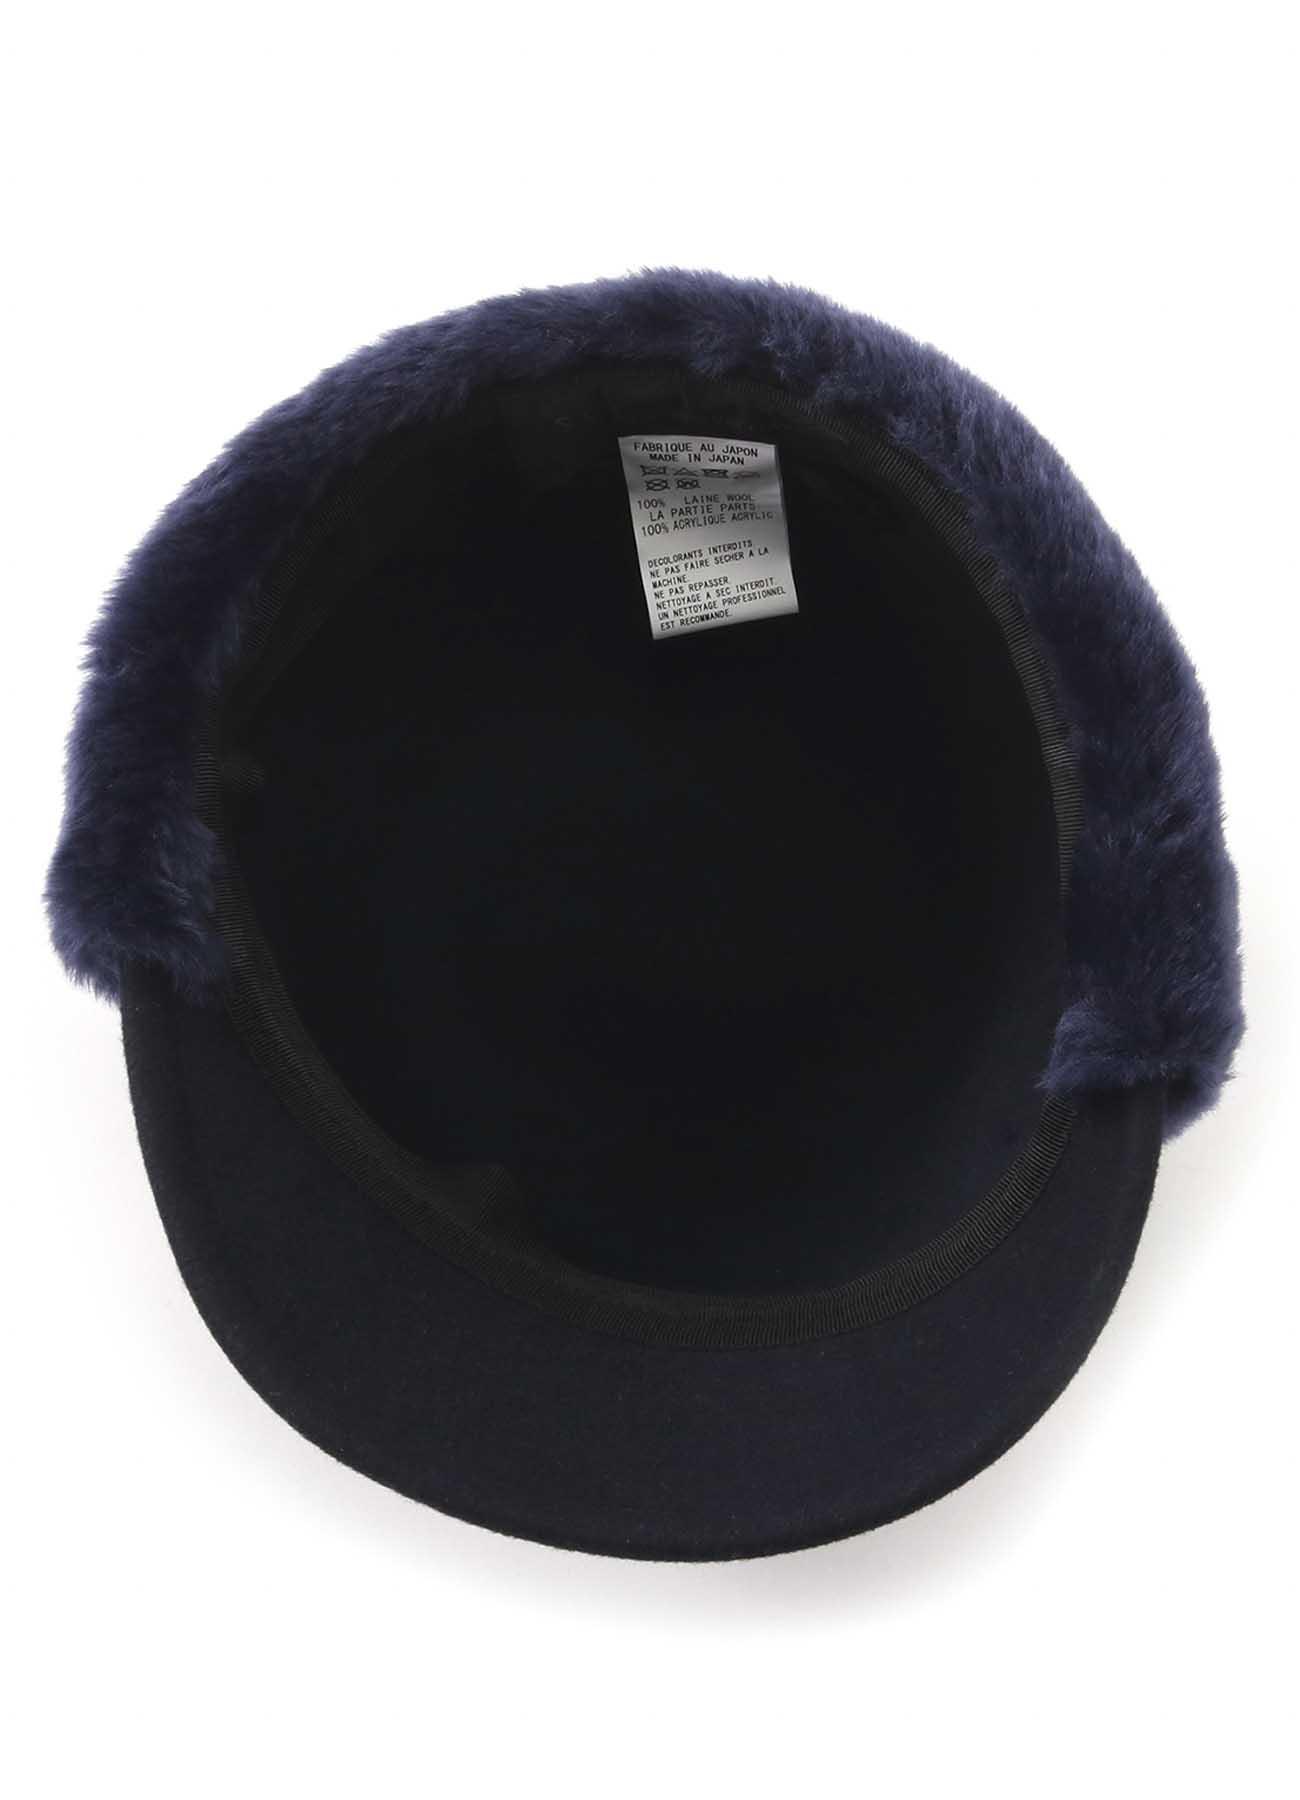 KAYONAKAMURAbyY's COMBI HAT BODY BOA CAP